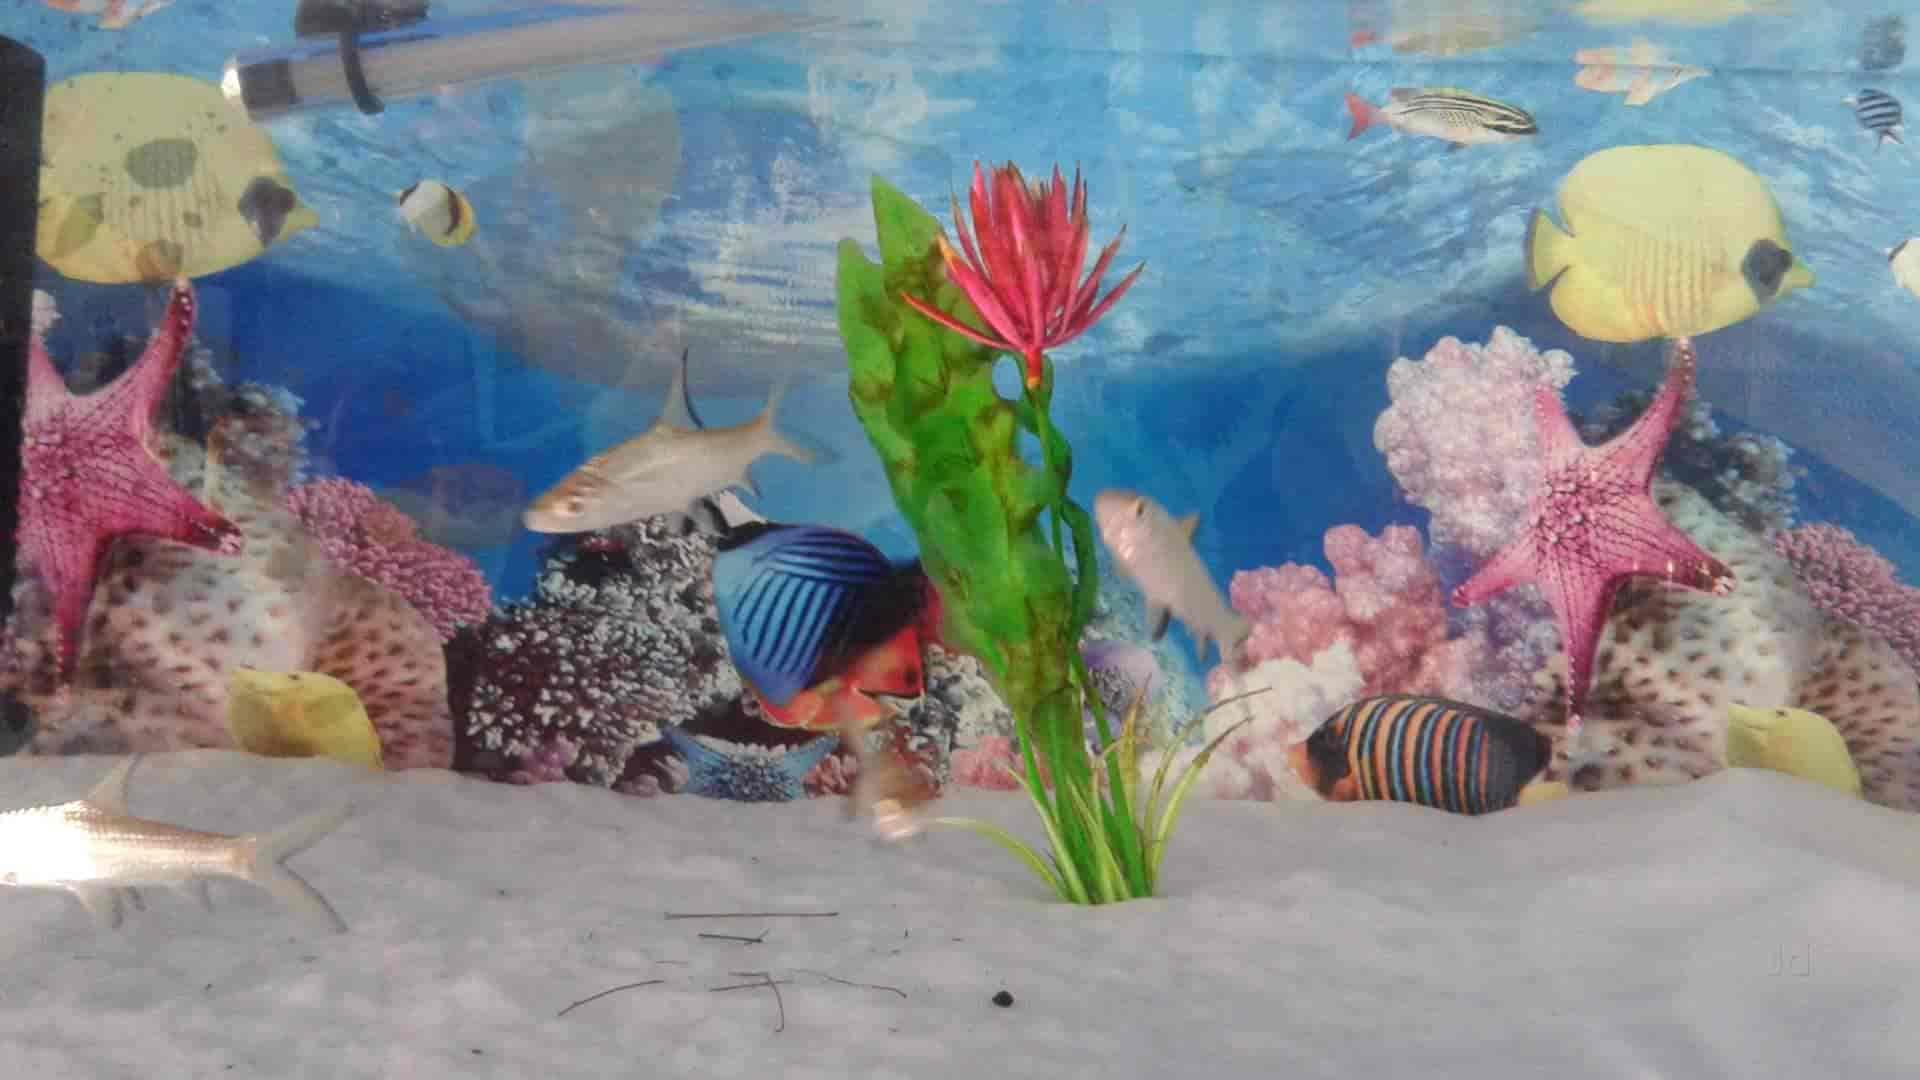 Irfoos Aquarium Erinjayam Aquariums In Thiruvananthapuram Justdial